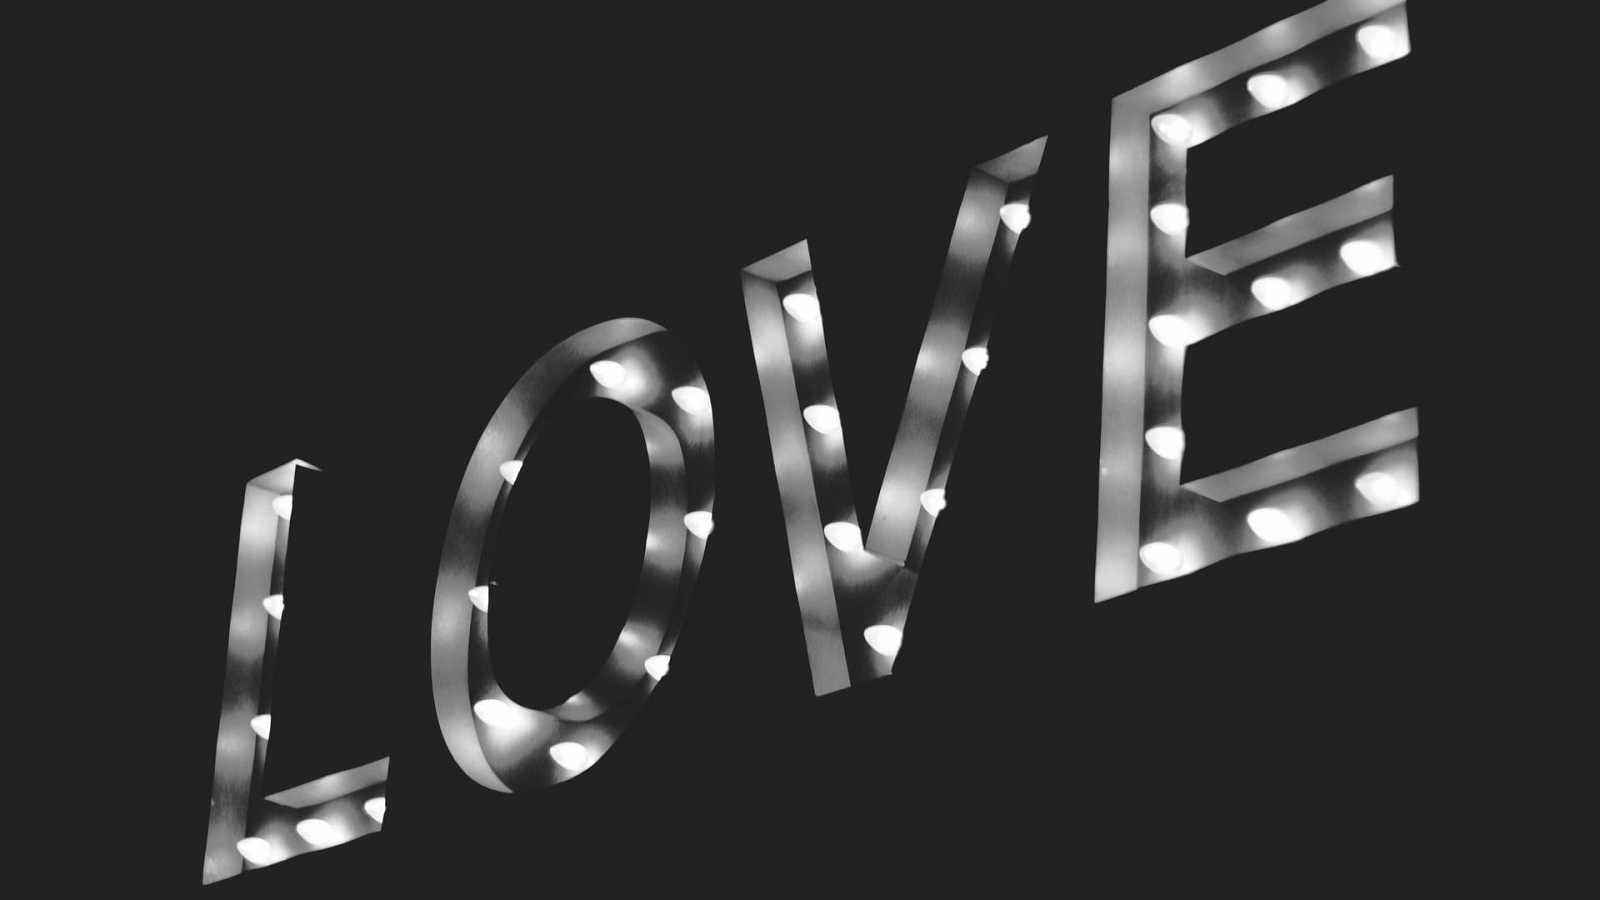 Alma de león - ¿Un poquito de Lovers Rock para San Valentín, no? - 14/02/21 - escuchar ahora